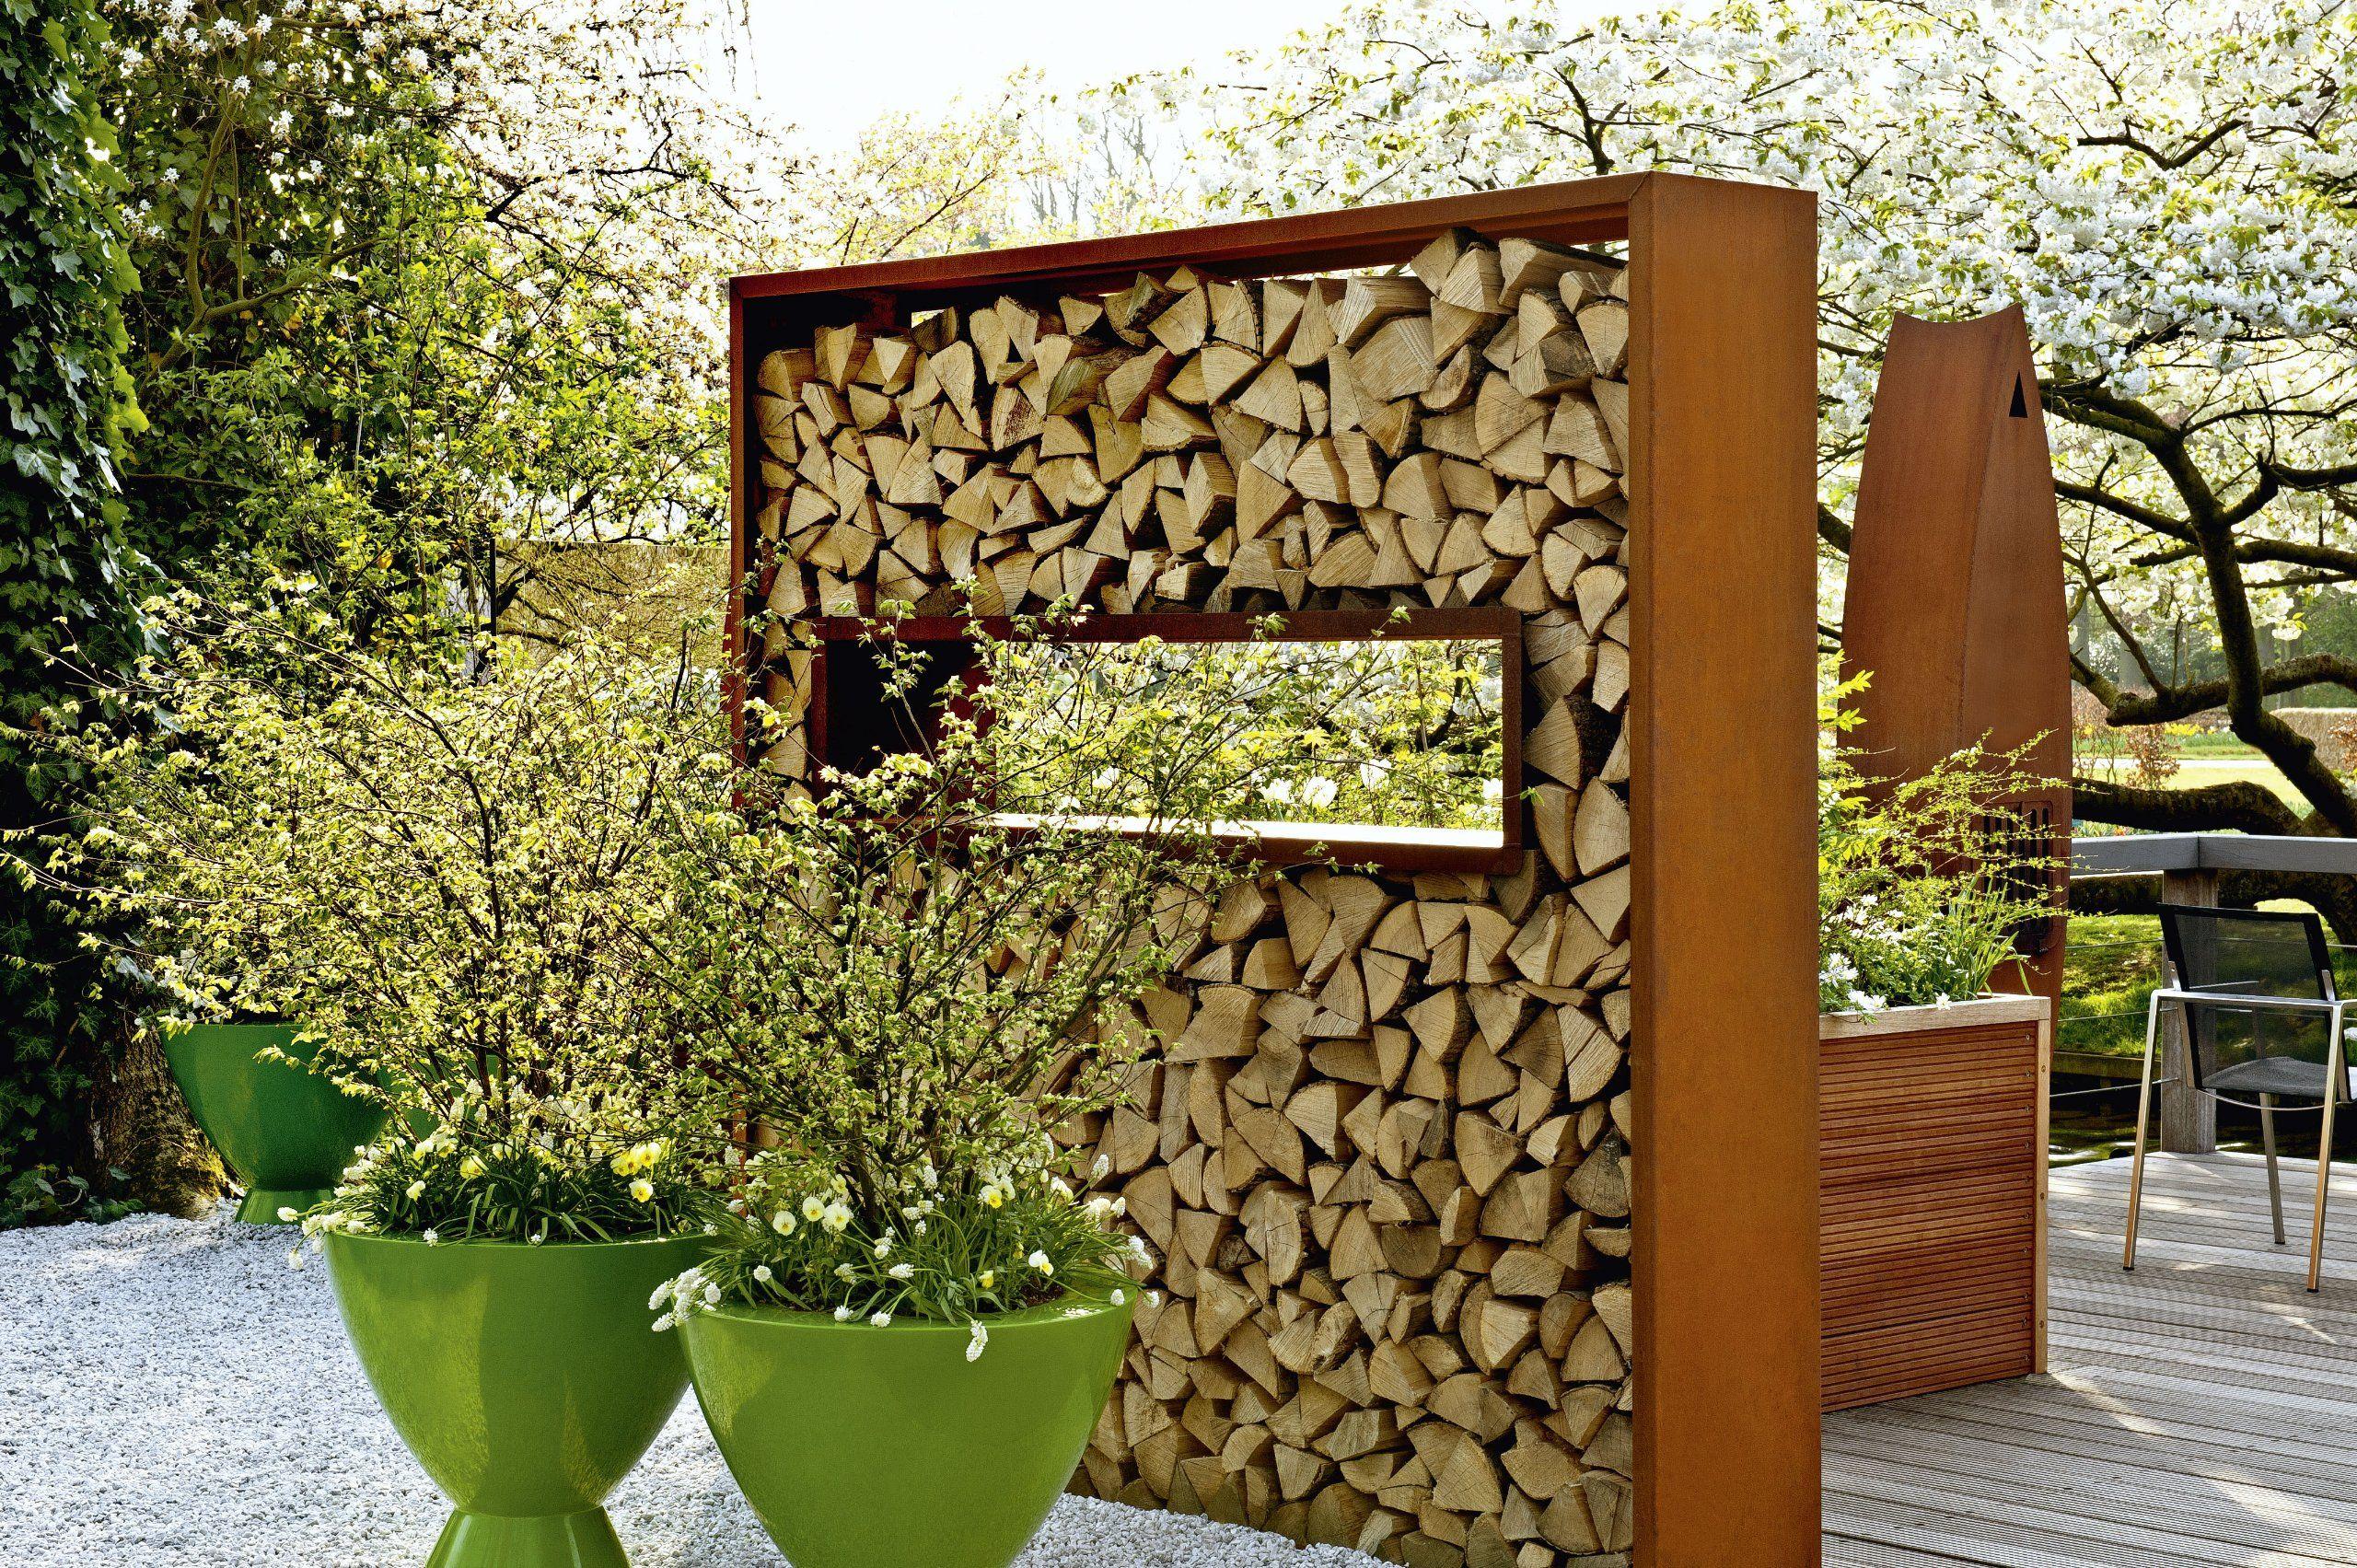 sichtschutz im garten das gro e ideenbuch hecken mauern z une garten und ideenb cher bjvv. Black Bedroom Furniture Sets. Home Design Ideas